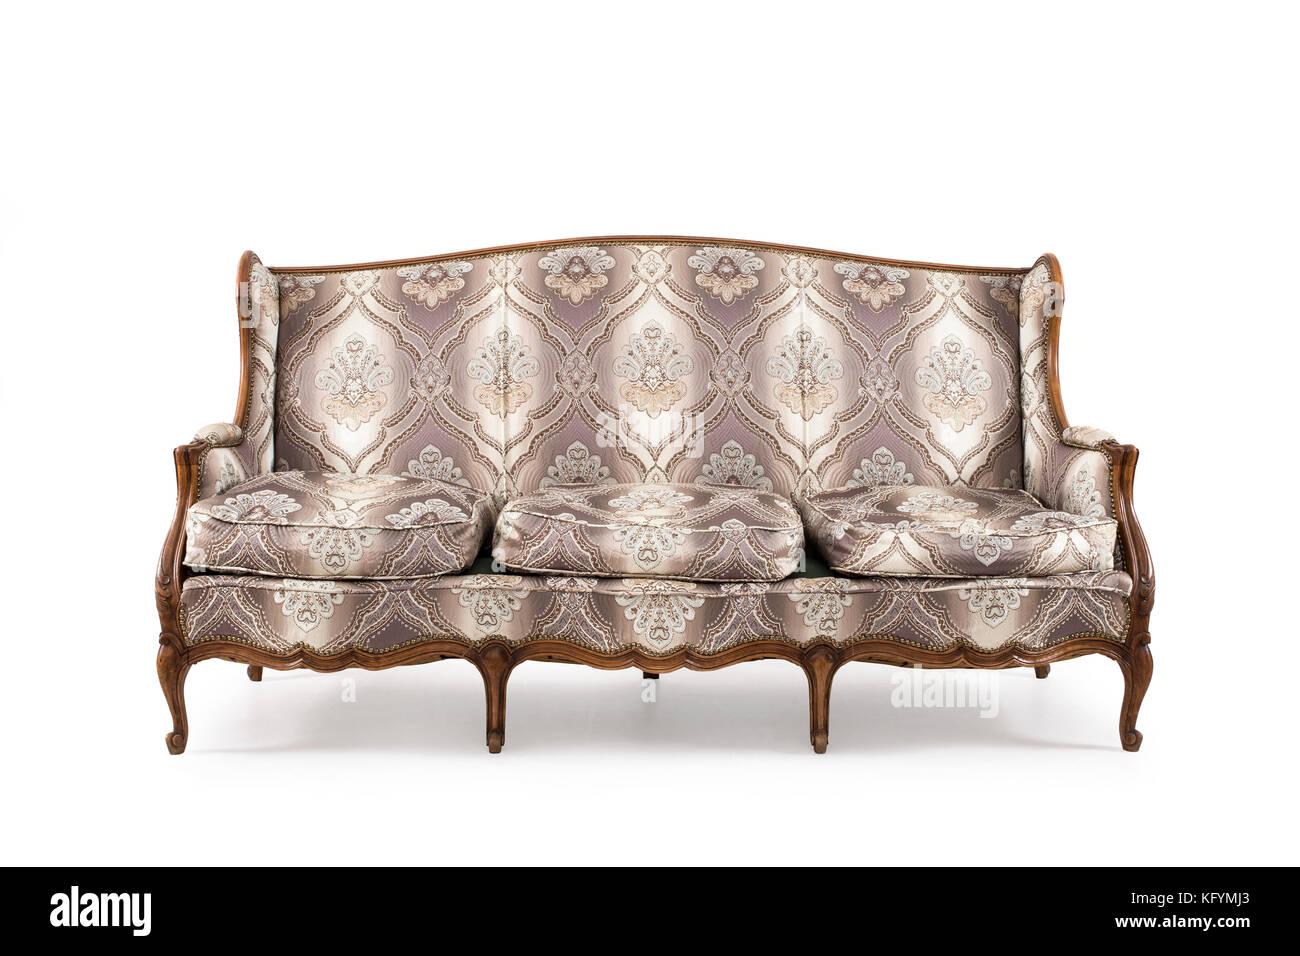 Canapé ancien en bois sur fond blanc. Photo Stock